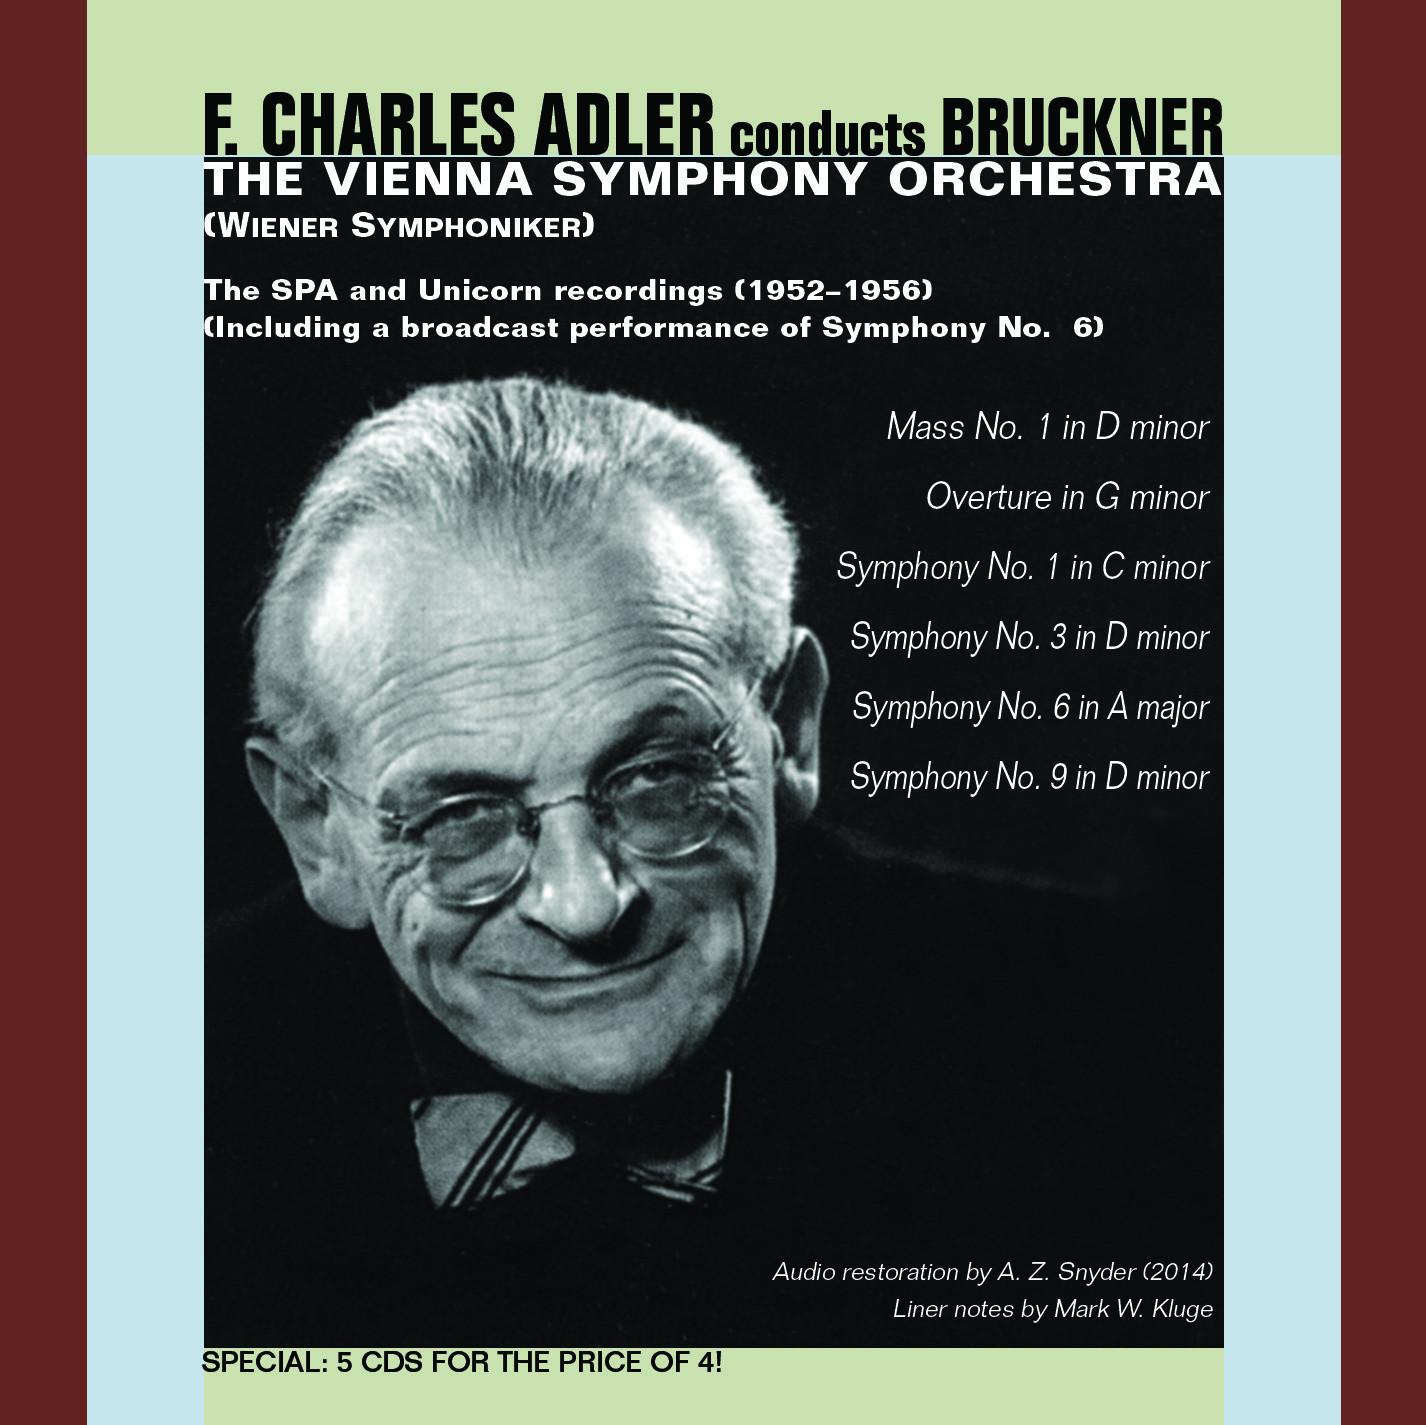 ANTON BRUCKNER - Página 17 Cd-1283_box-front-cover